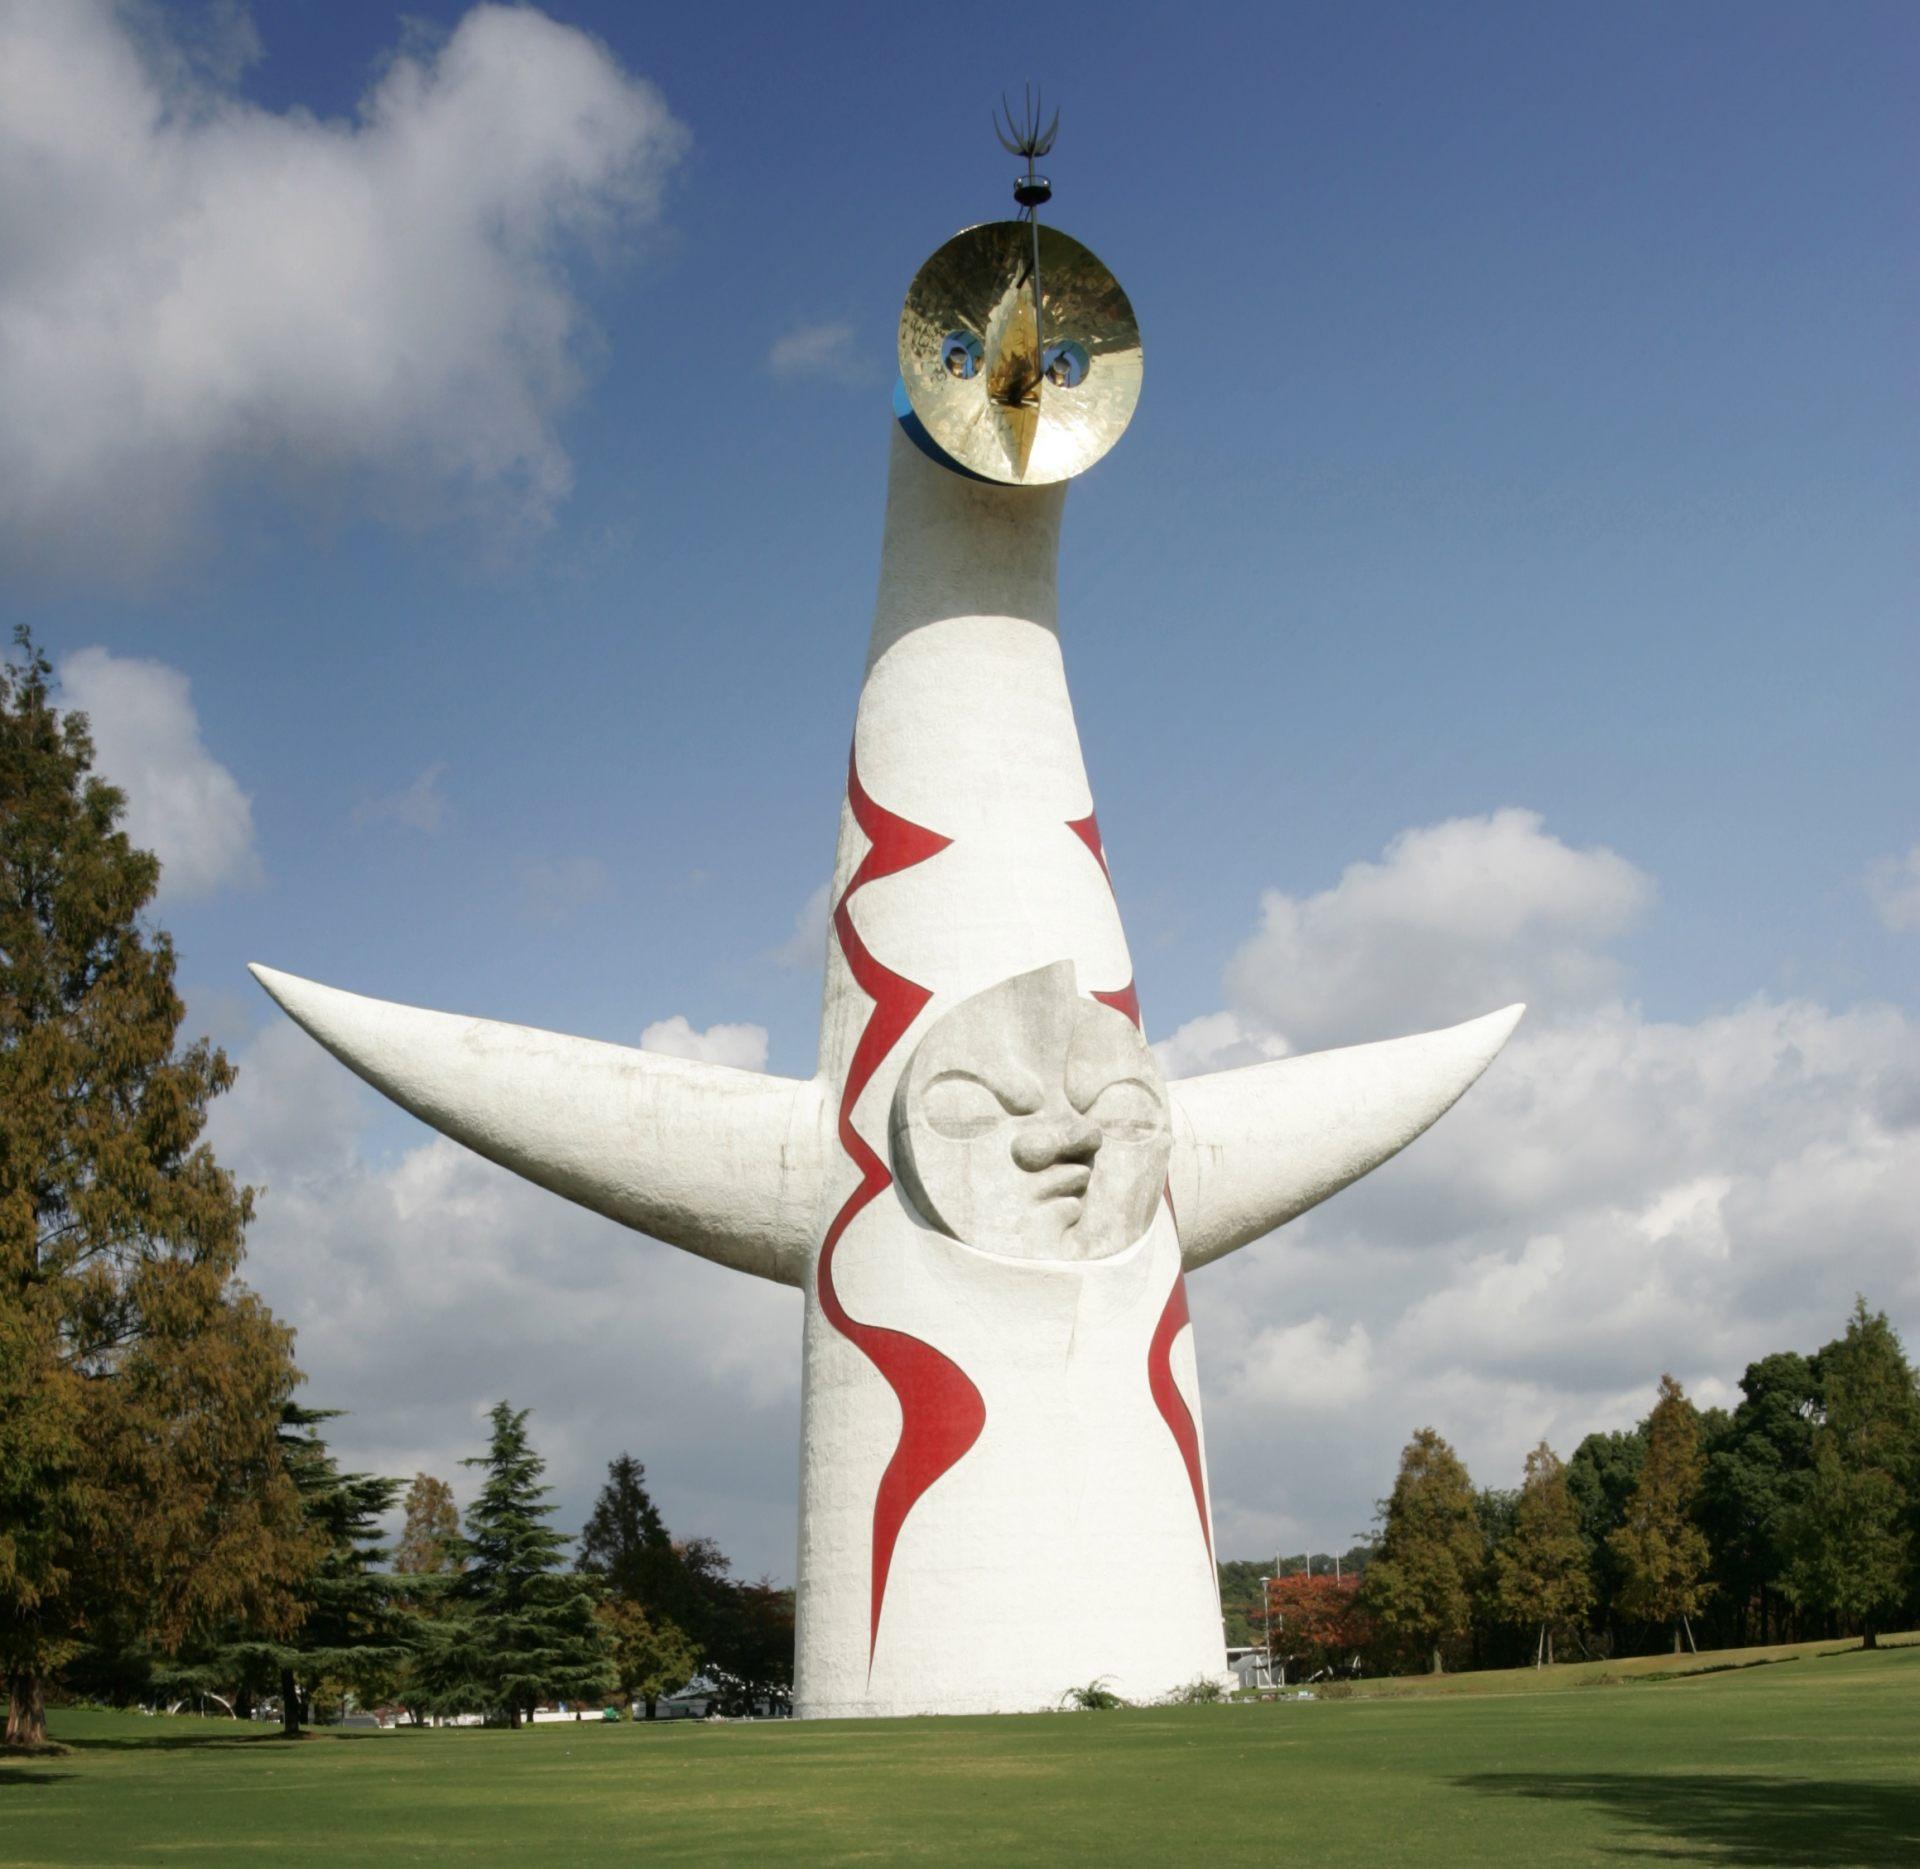 万博记念公园的象征 太阳之塔